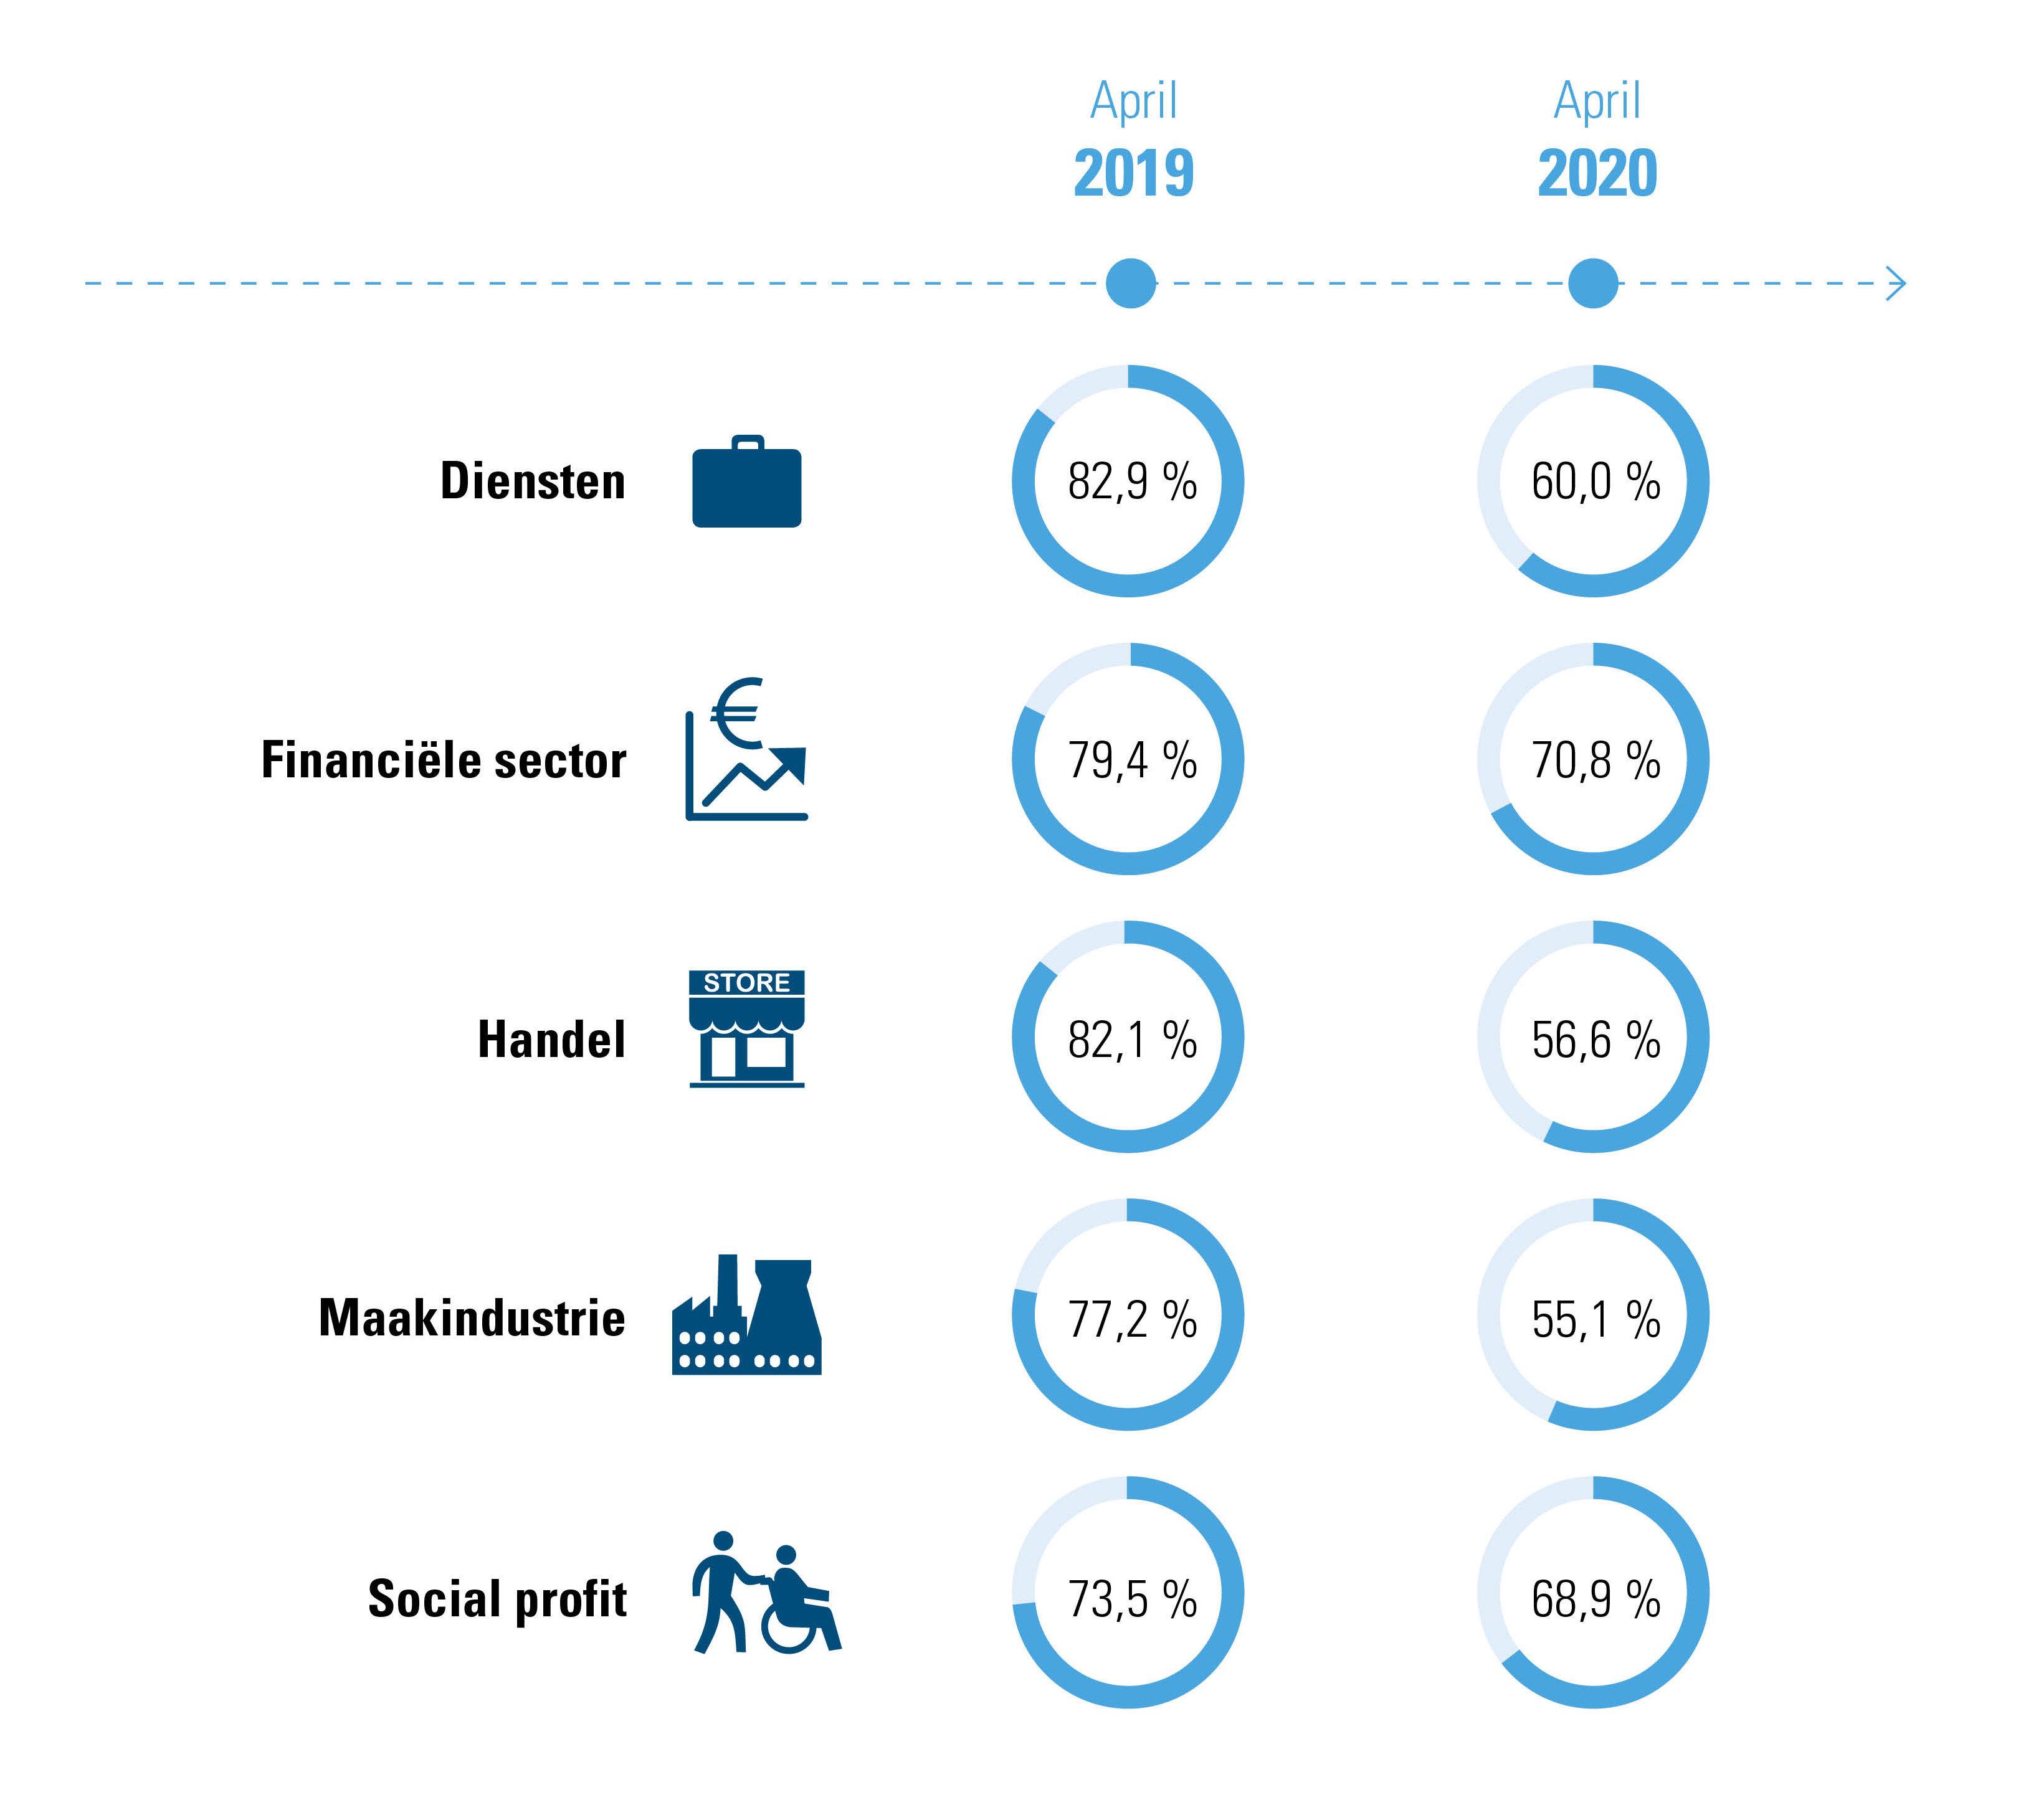 % gepresteerde werkuren, per sector, vergelijking april 2019 - april 2020